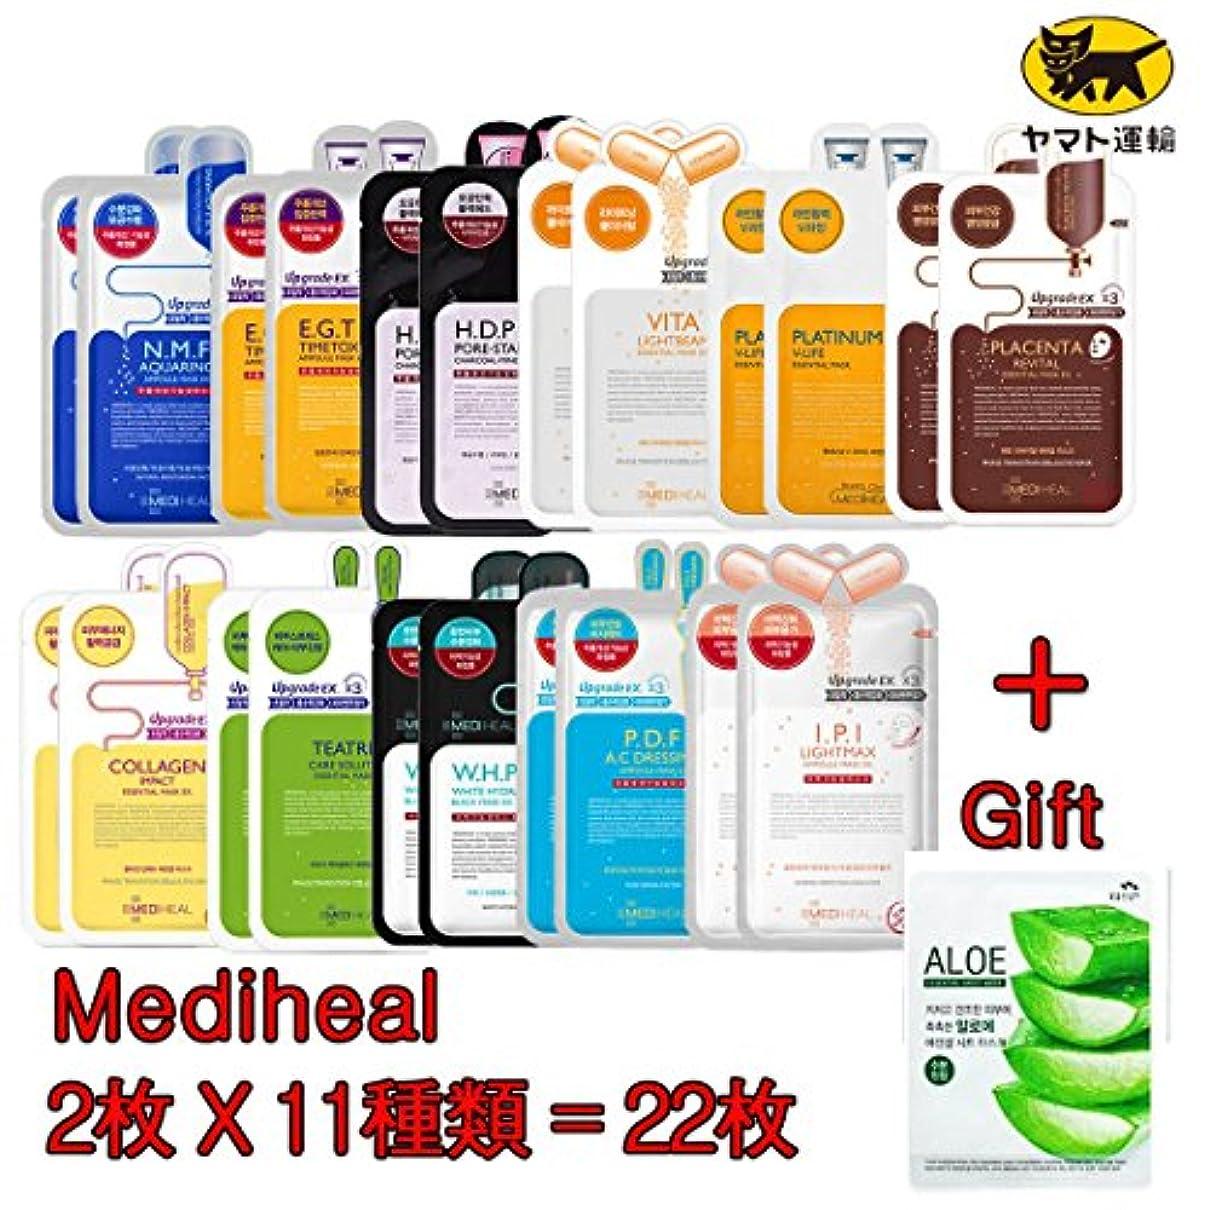 和解する添付局メディヒール(Mediheal) 11種類 X 各2枚ずつ = 全22枚 + Aloe Mask Pack